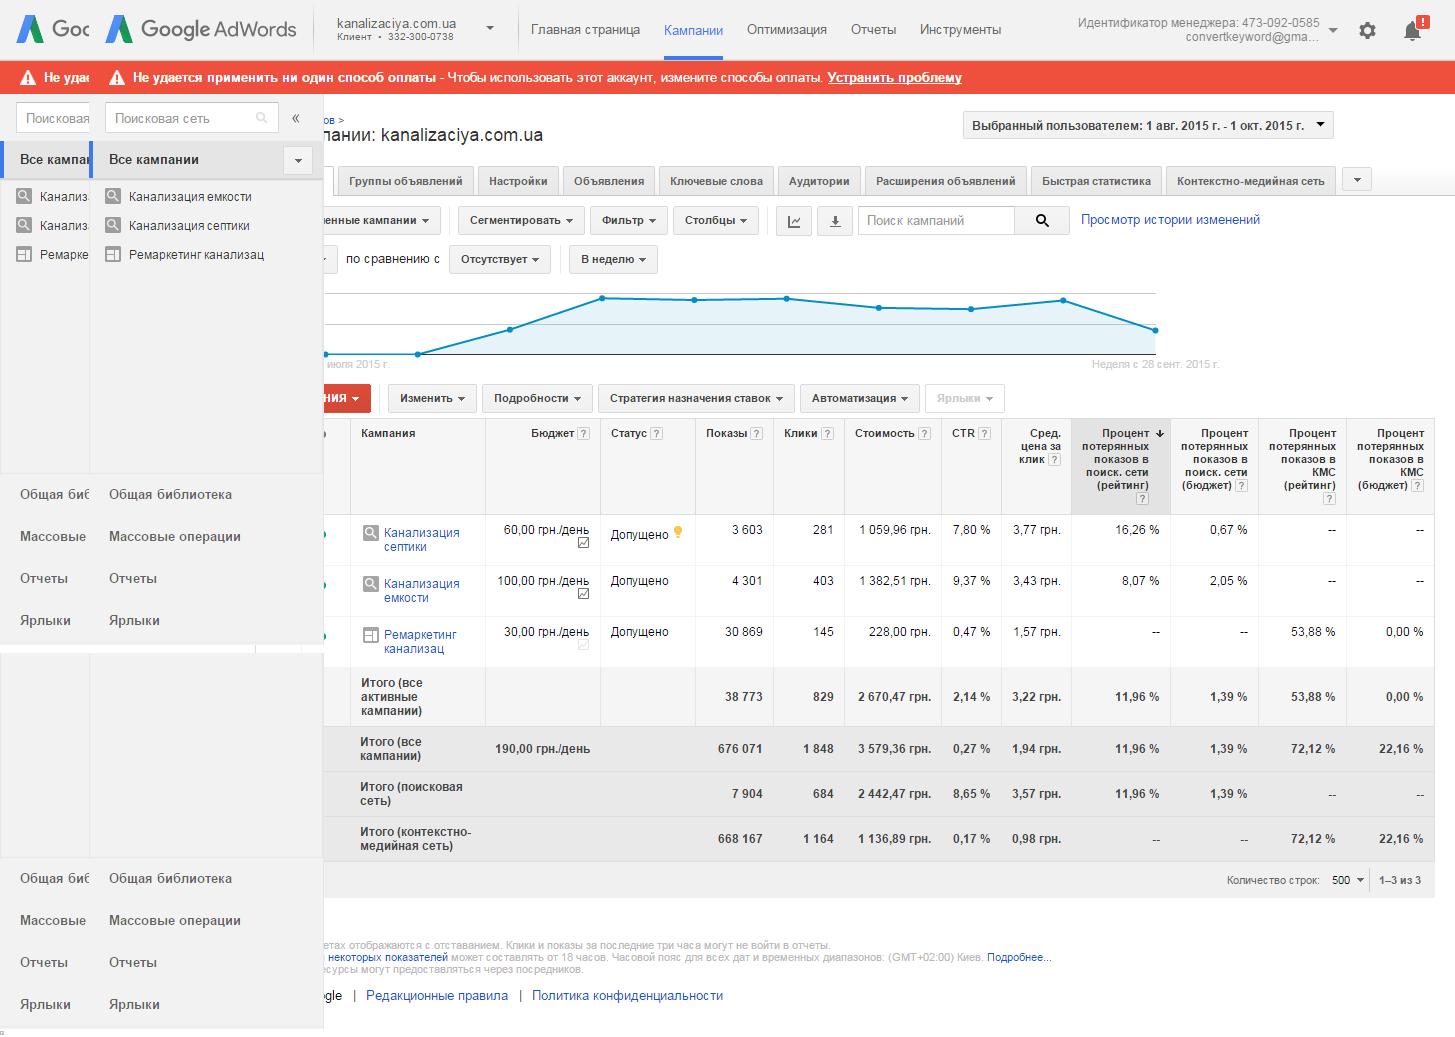 Настройка рекламной кампании google adwords баннерная интернет реклама в благовещенске